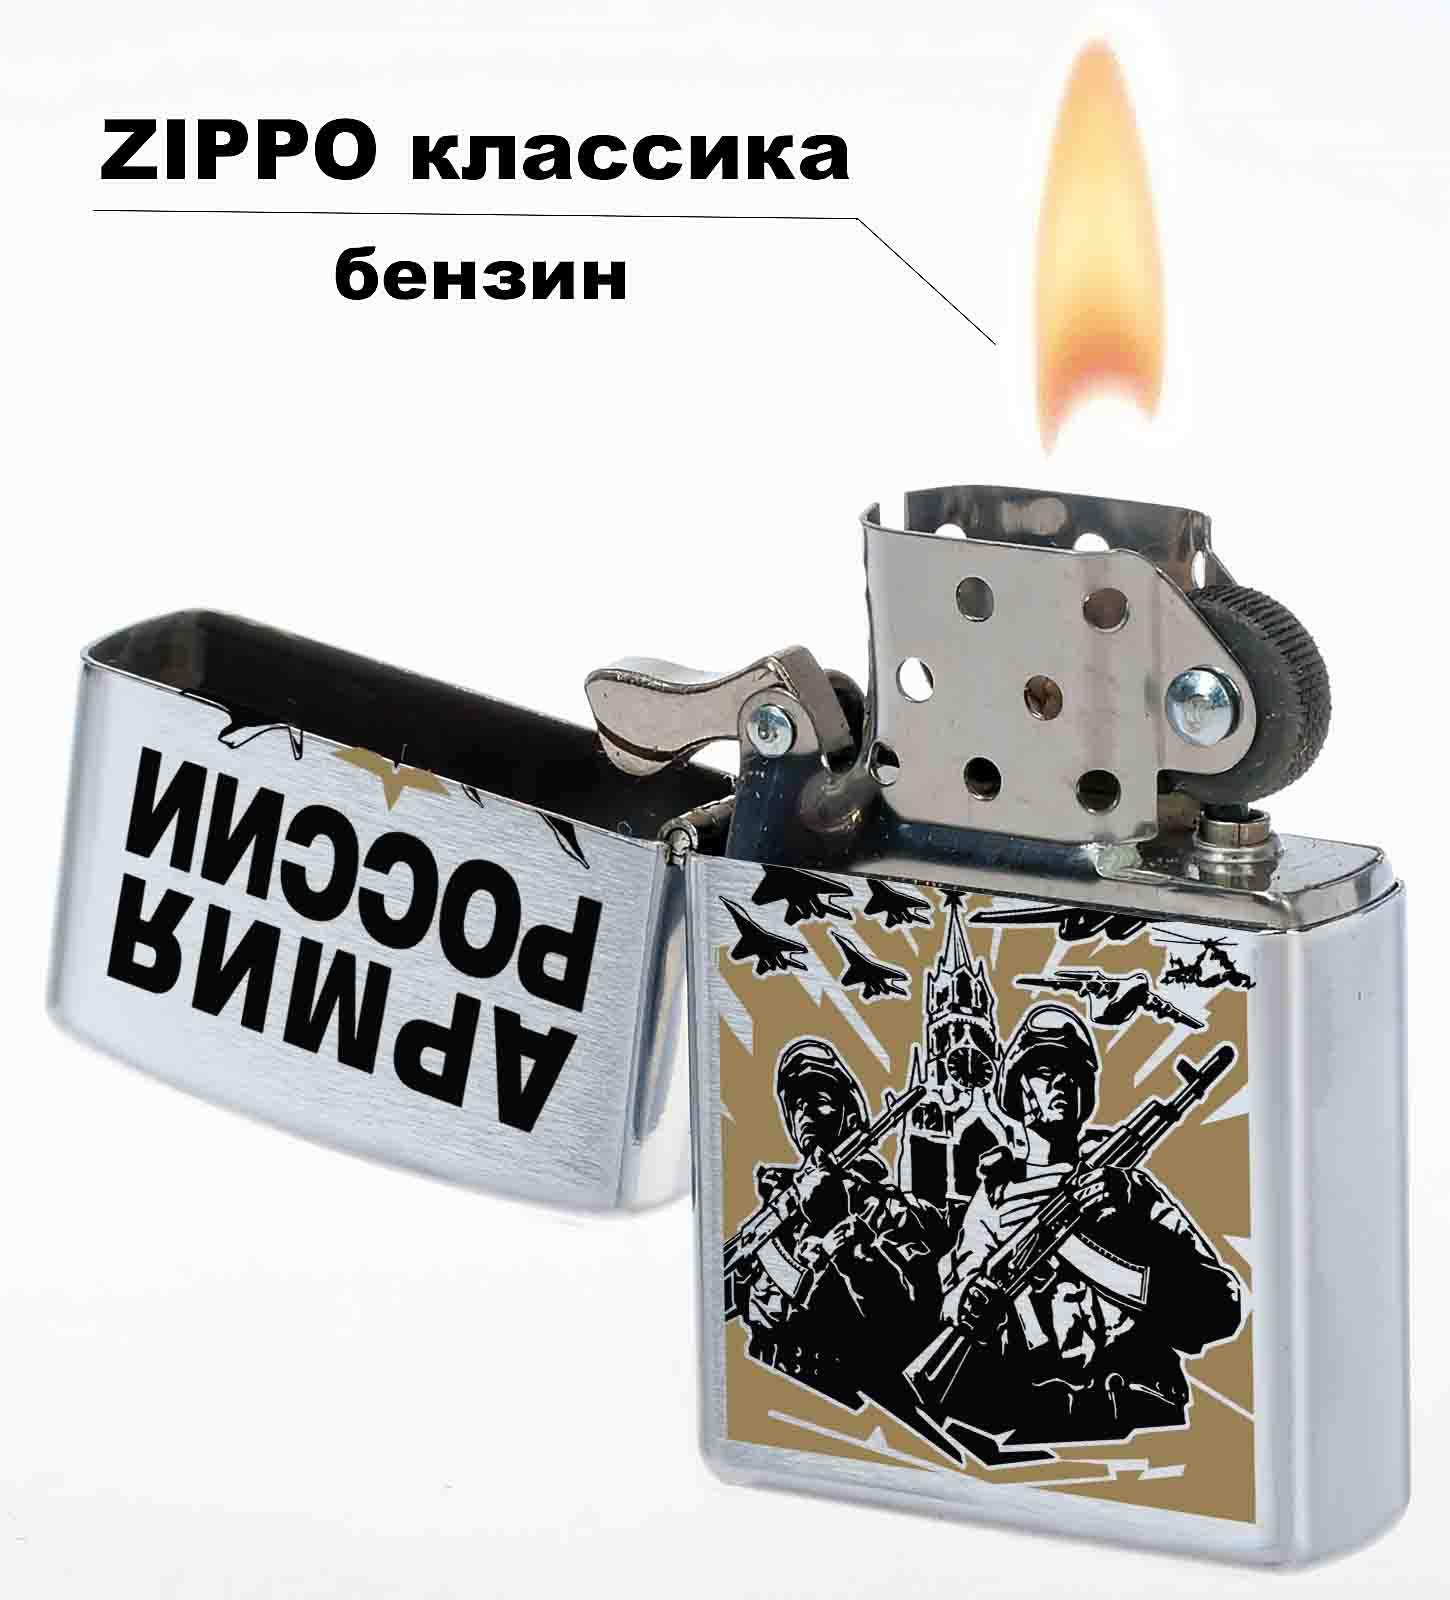 Коллекционная зажигалка Армия России бензиновая от Военпро